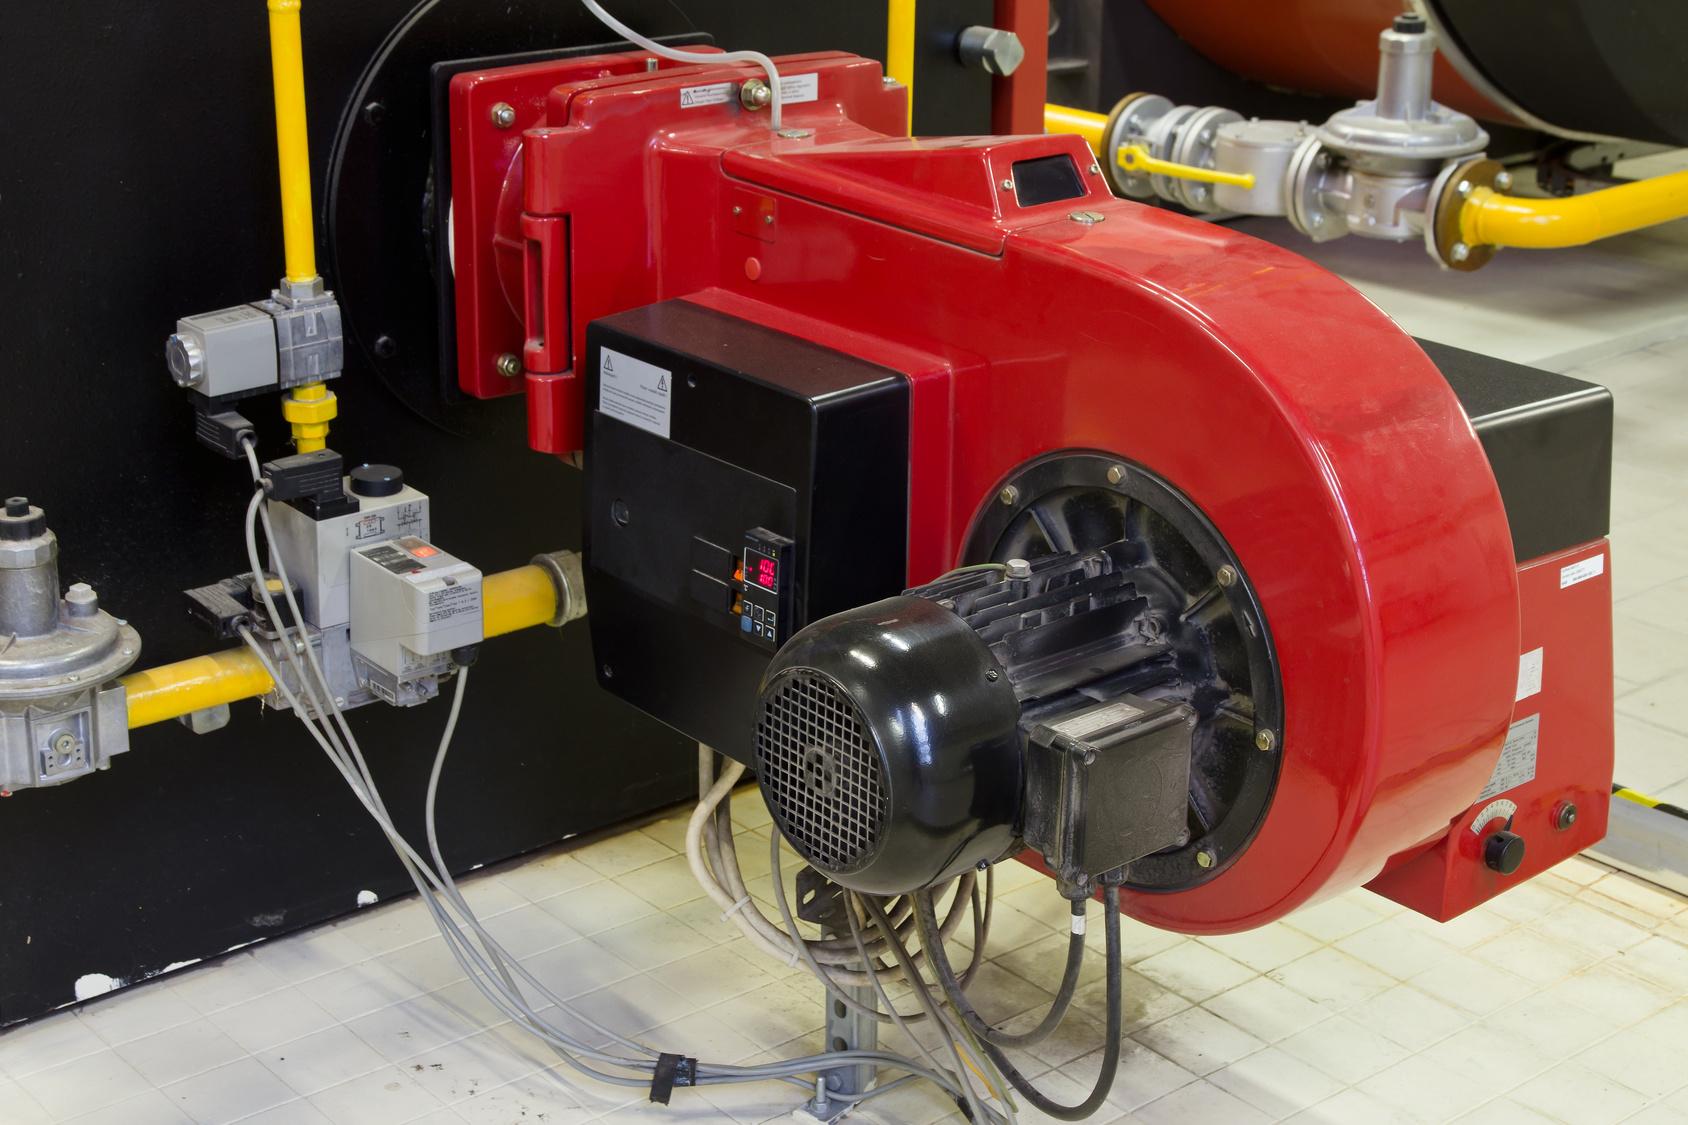 Industrial burner gas boilers